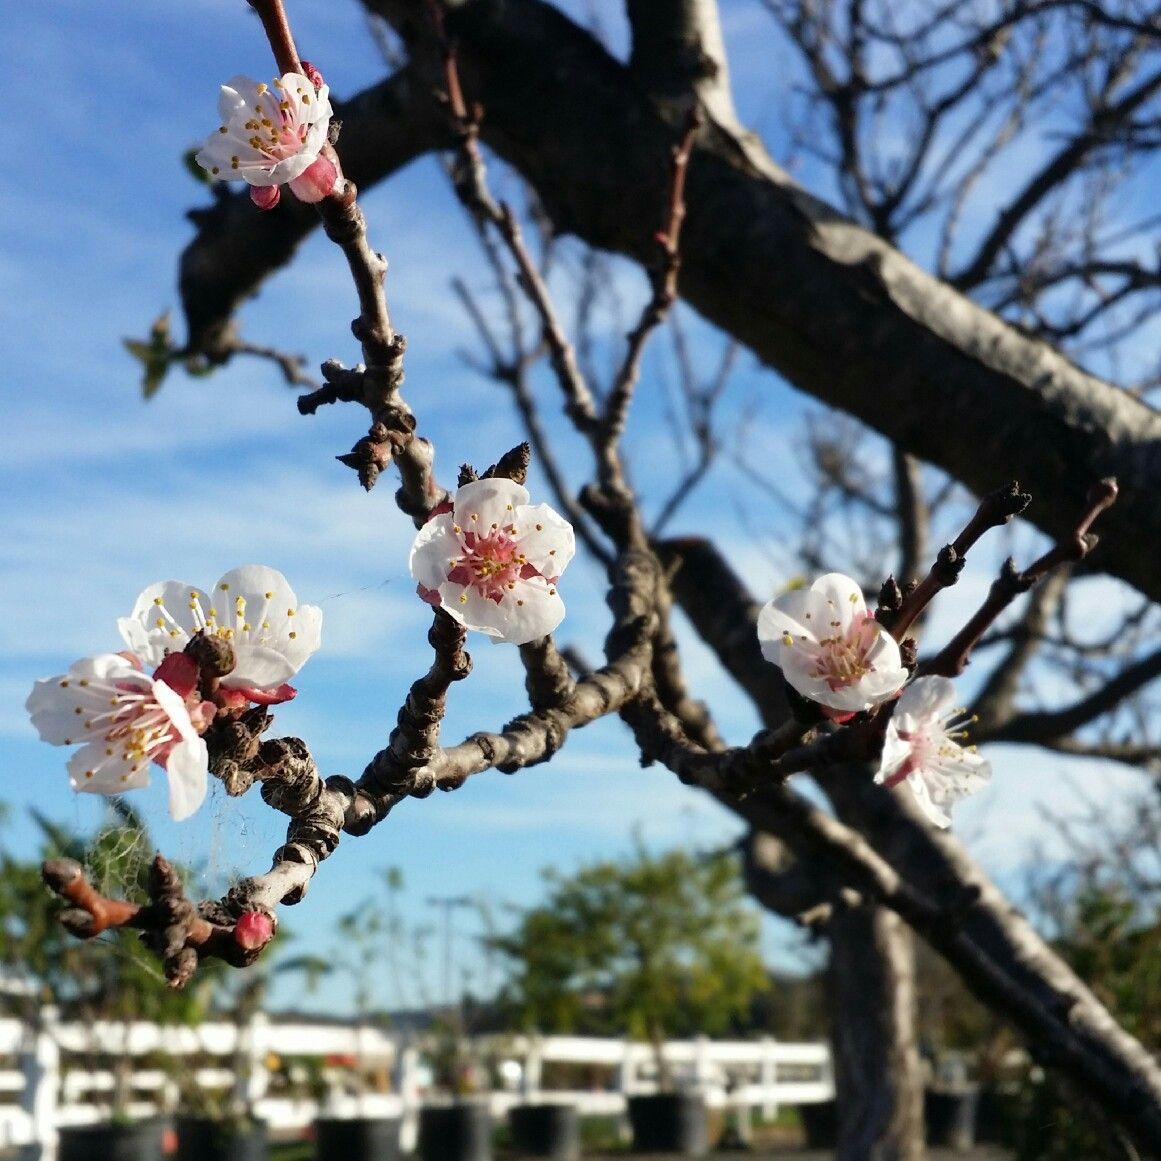 Cherry Blossoms Tanaka Farms In Irvine Ca Blossom Cherry Blossom Flowers